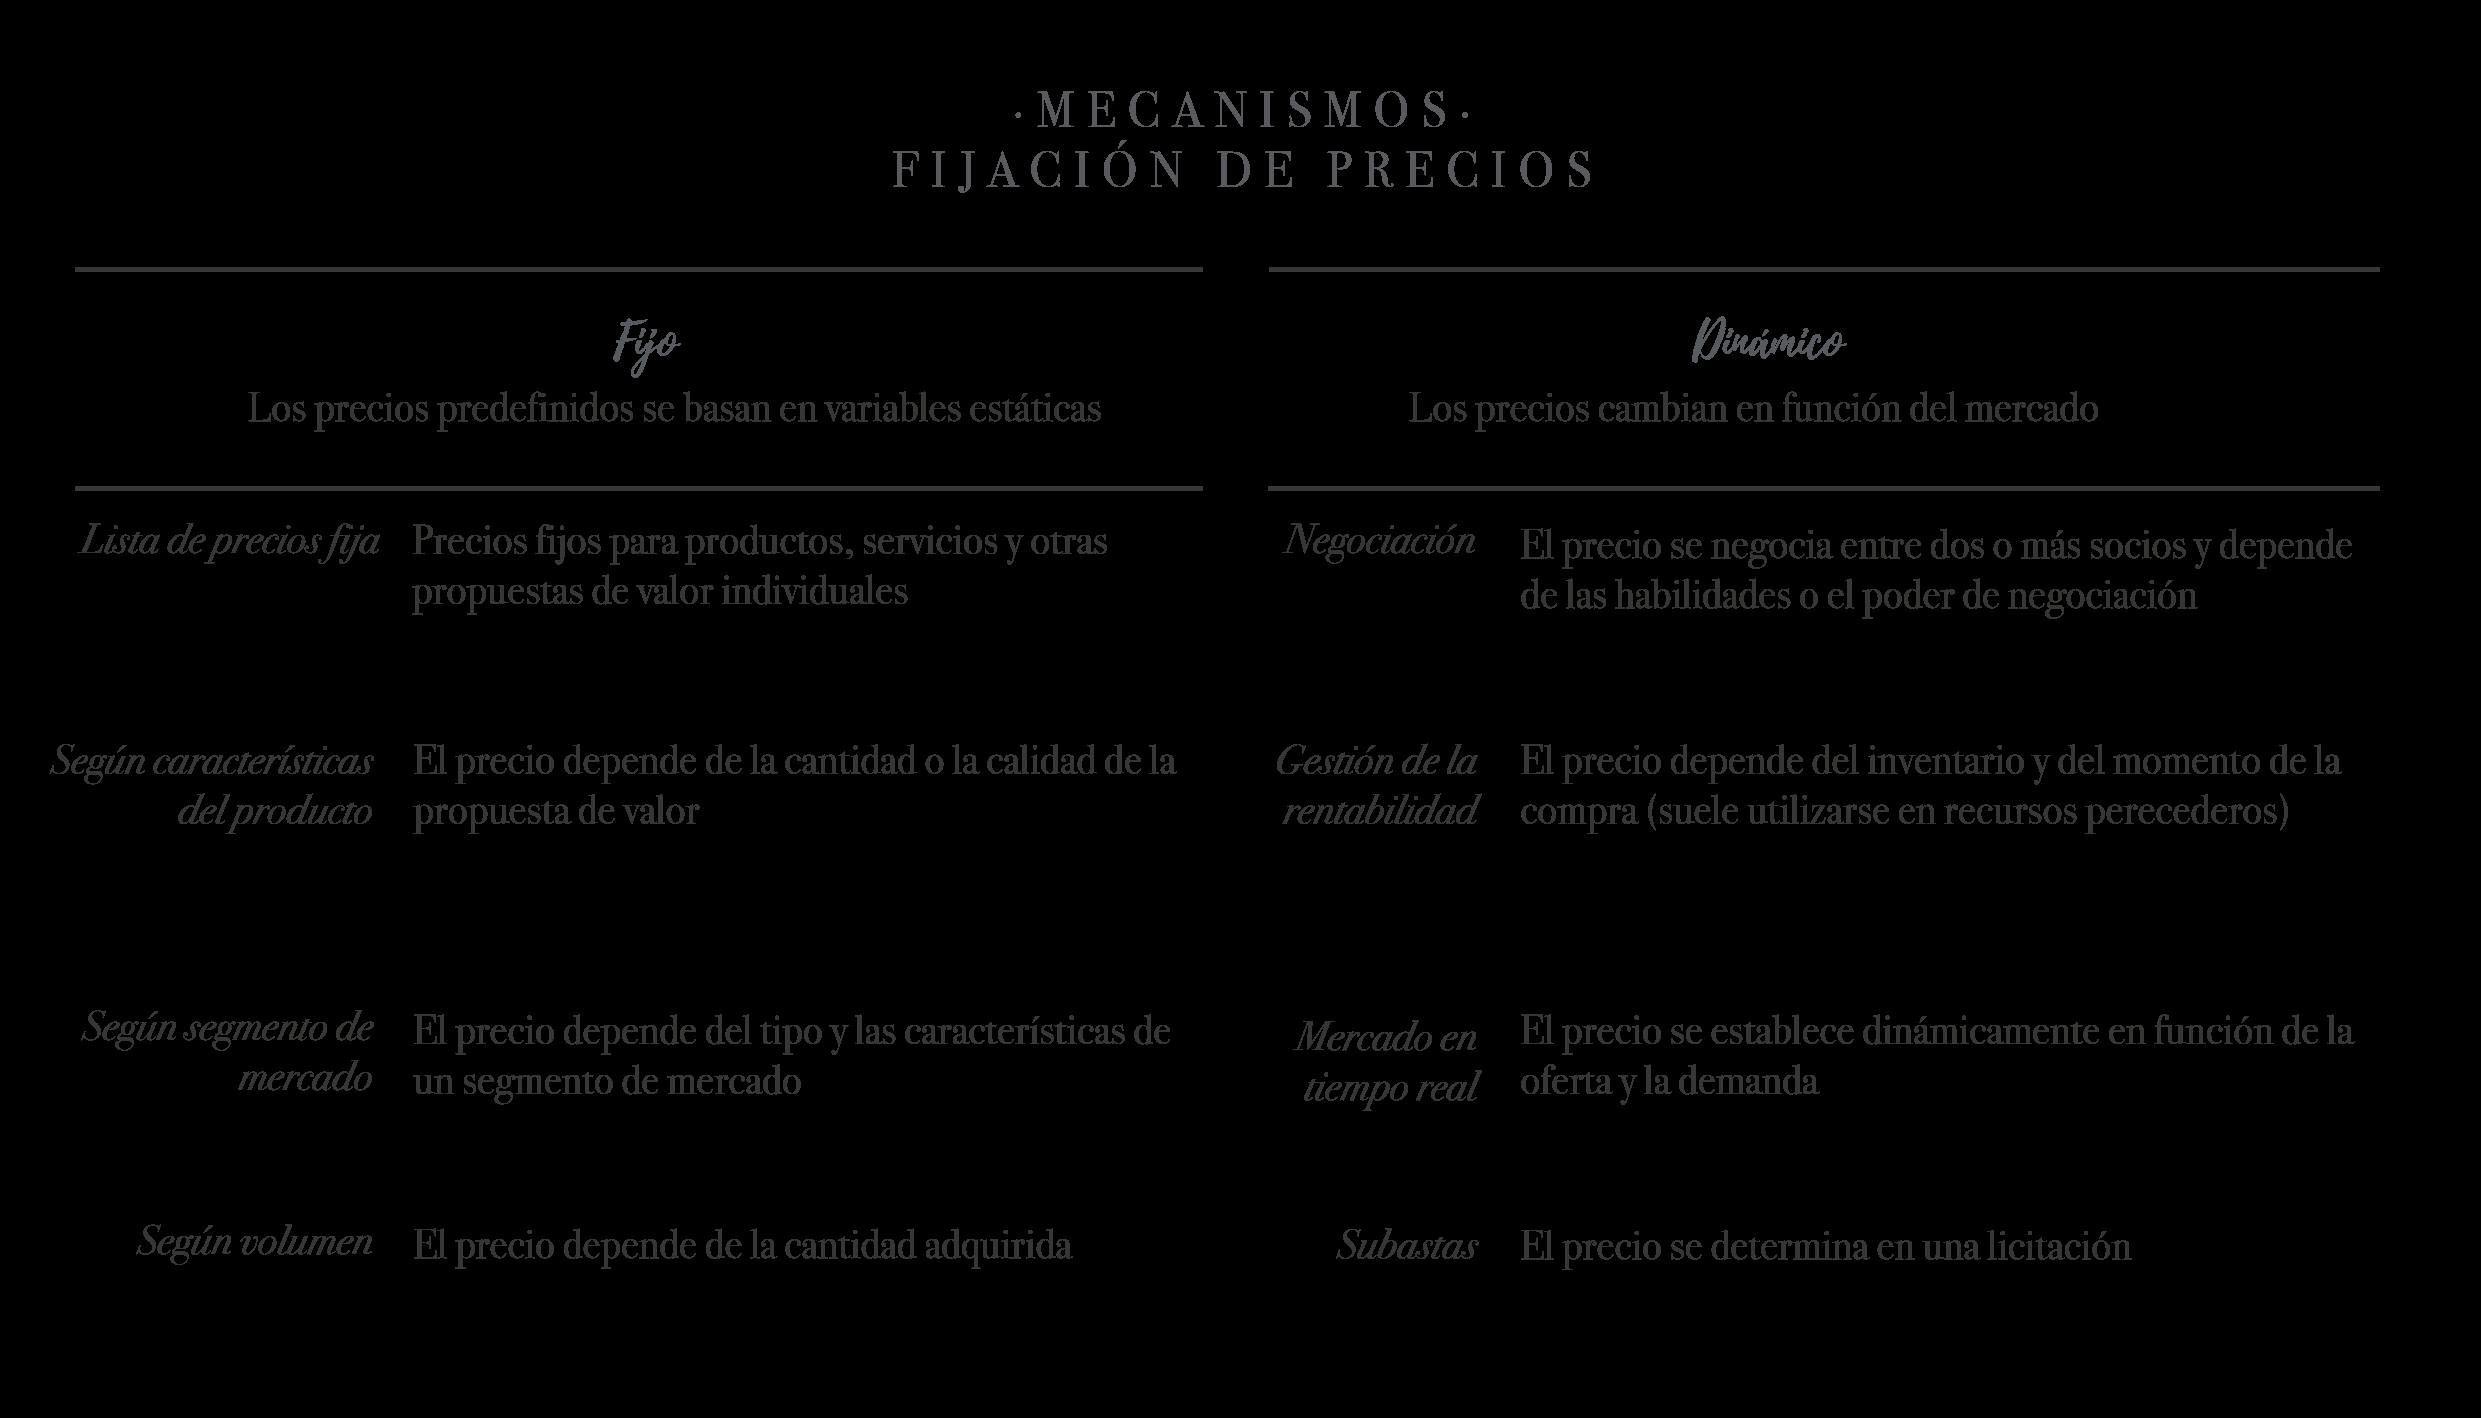 Se explica el mecanismo de fijación de precios Fijo y Dinámico